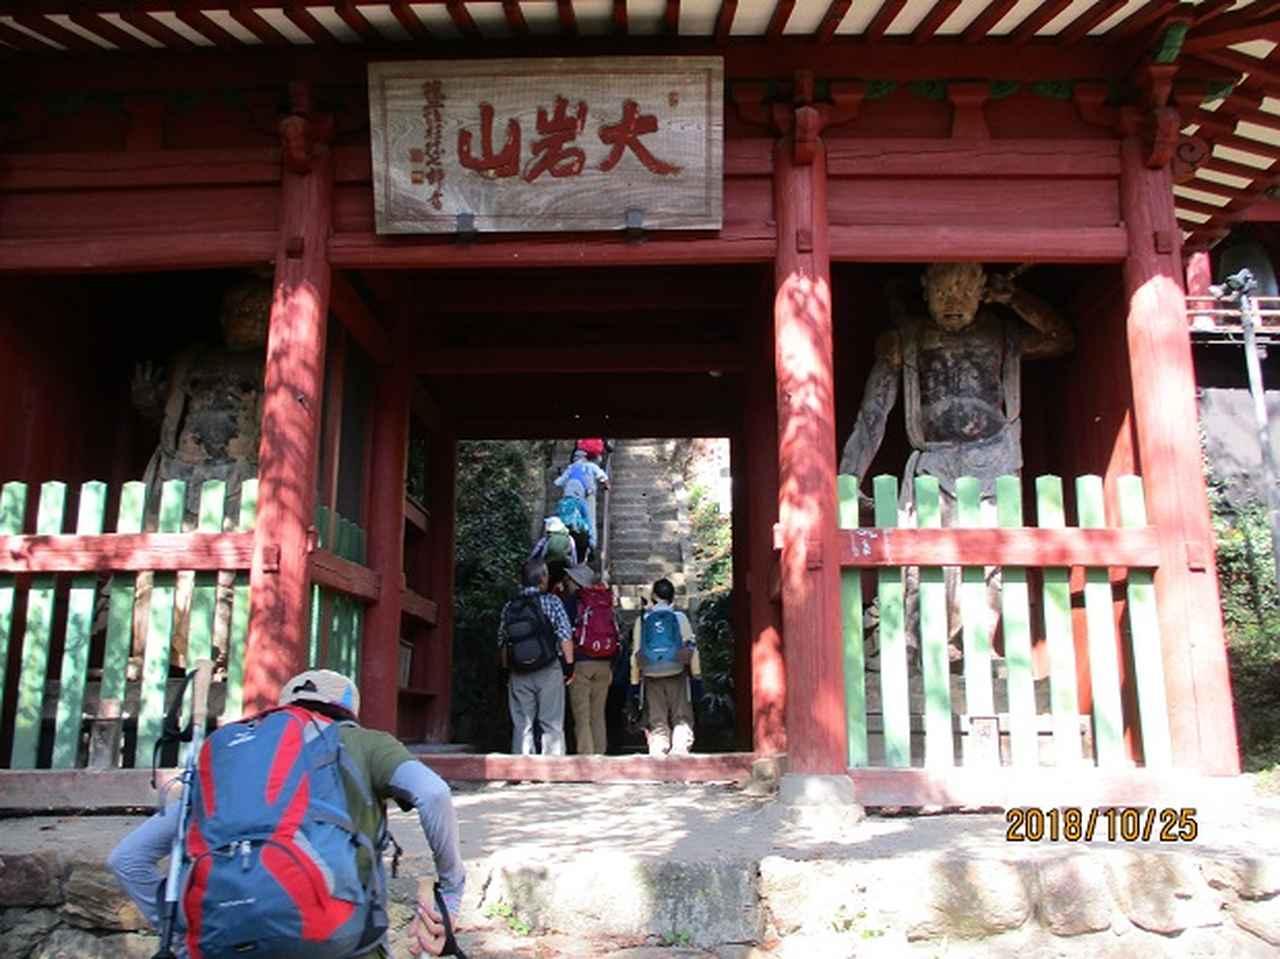 画像8: 【山旅会・登山ガイドこだわりツアー】岡田ガイドからの便り・足利行道山ツアーにいってまいりました!